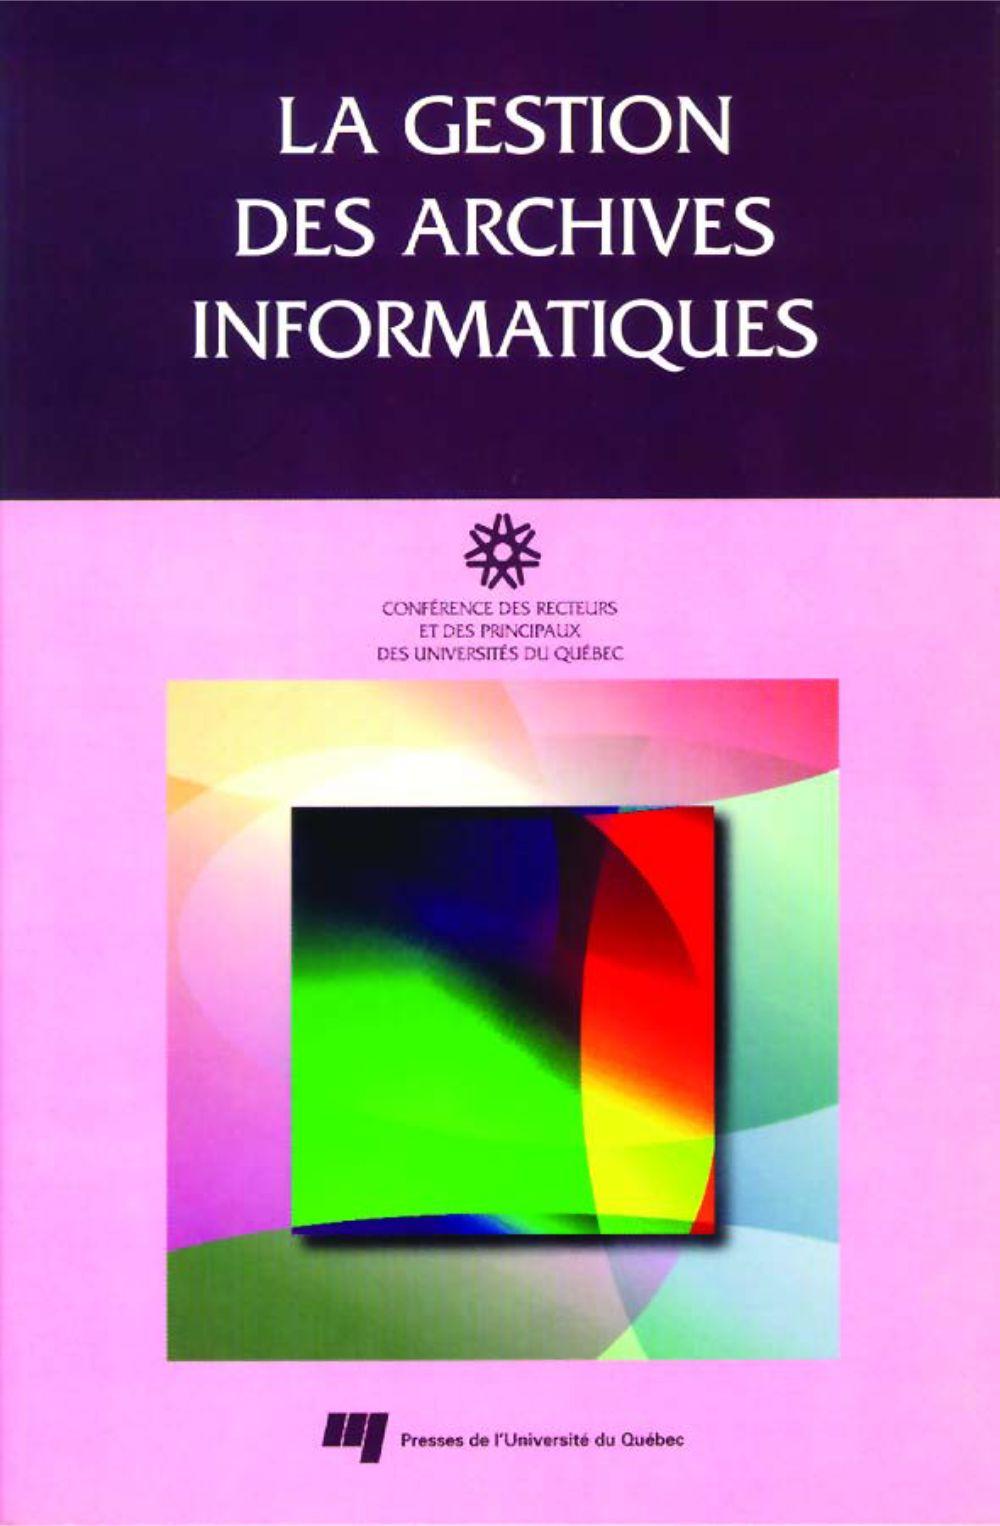 La gestion des archives informatiques